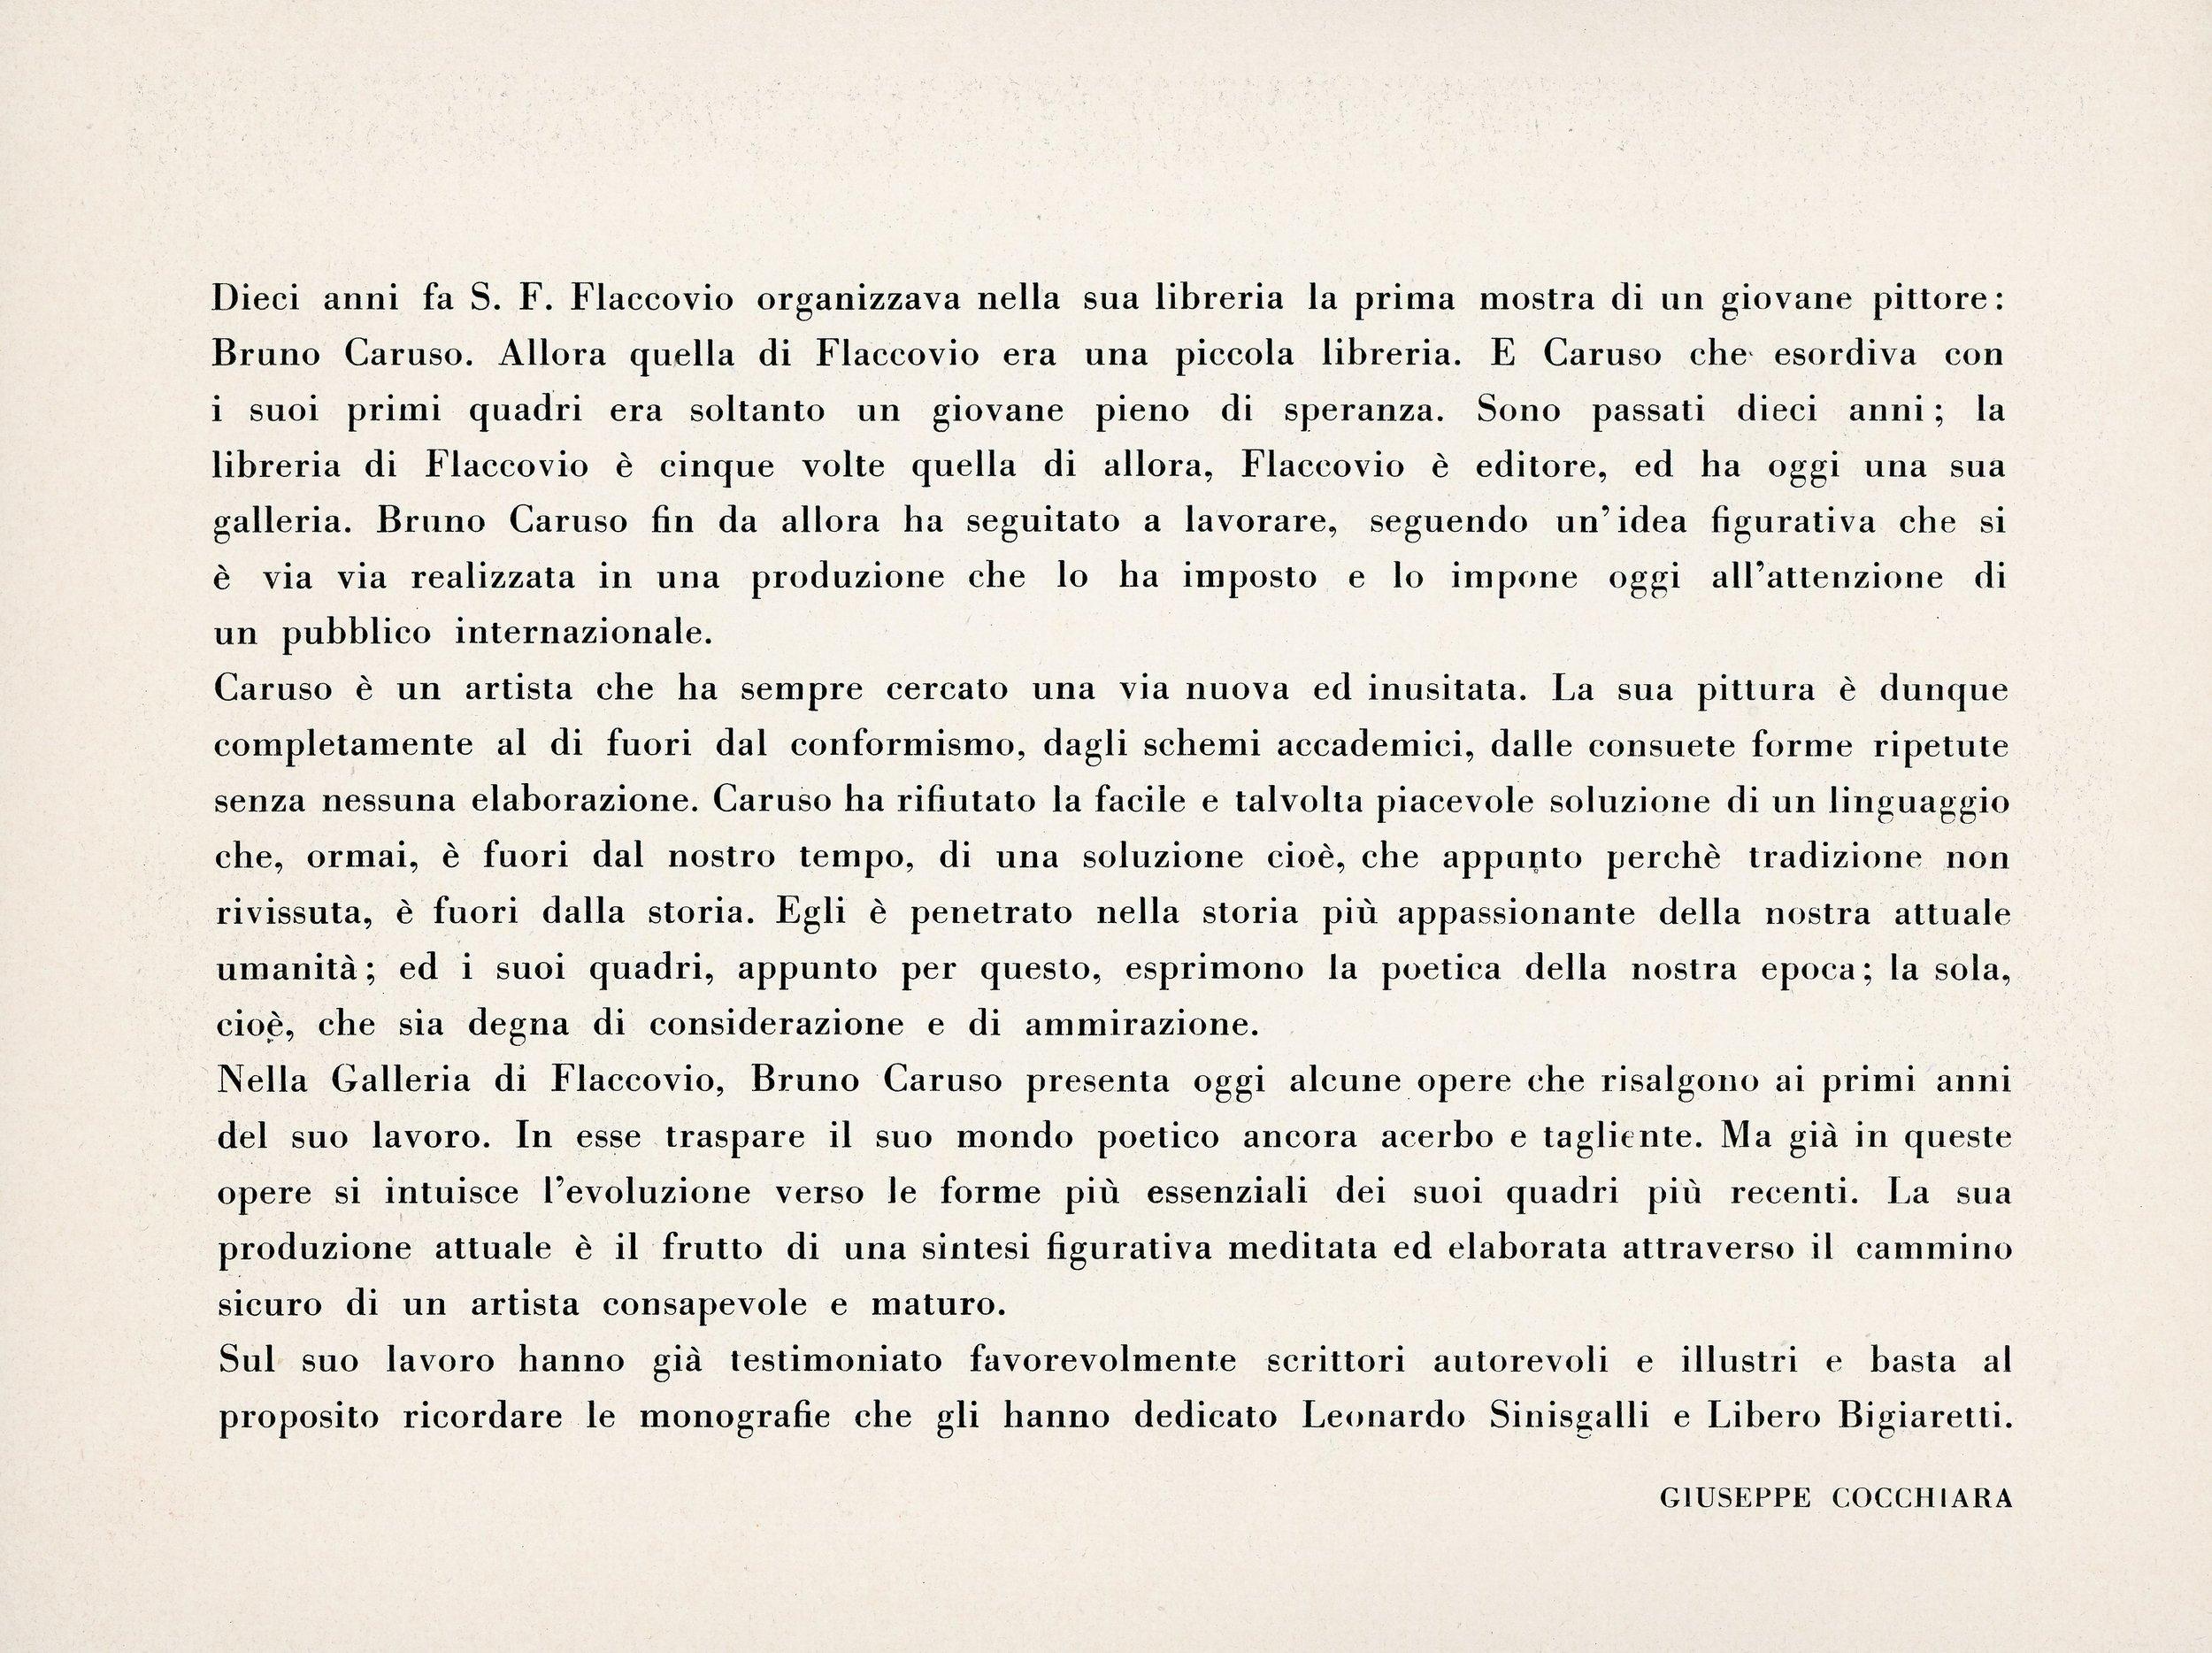 1958-01 Galleria Flaccovio - Bruno Caruso_03.jpg